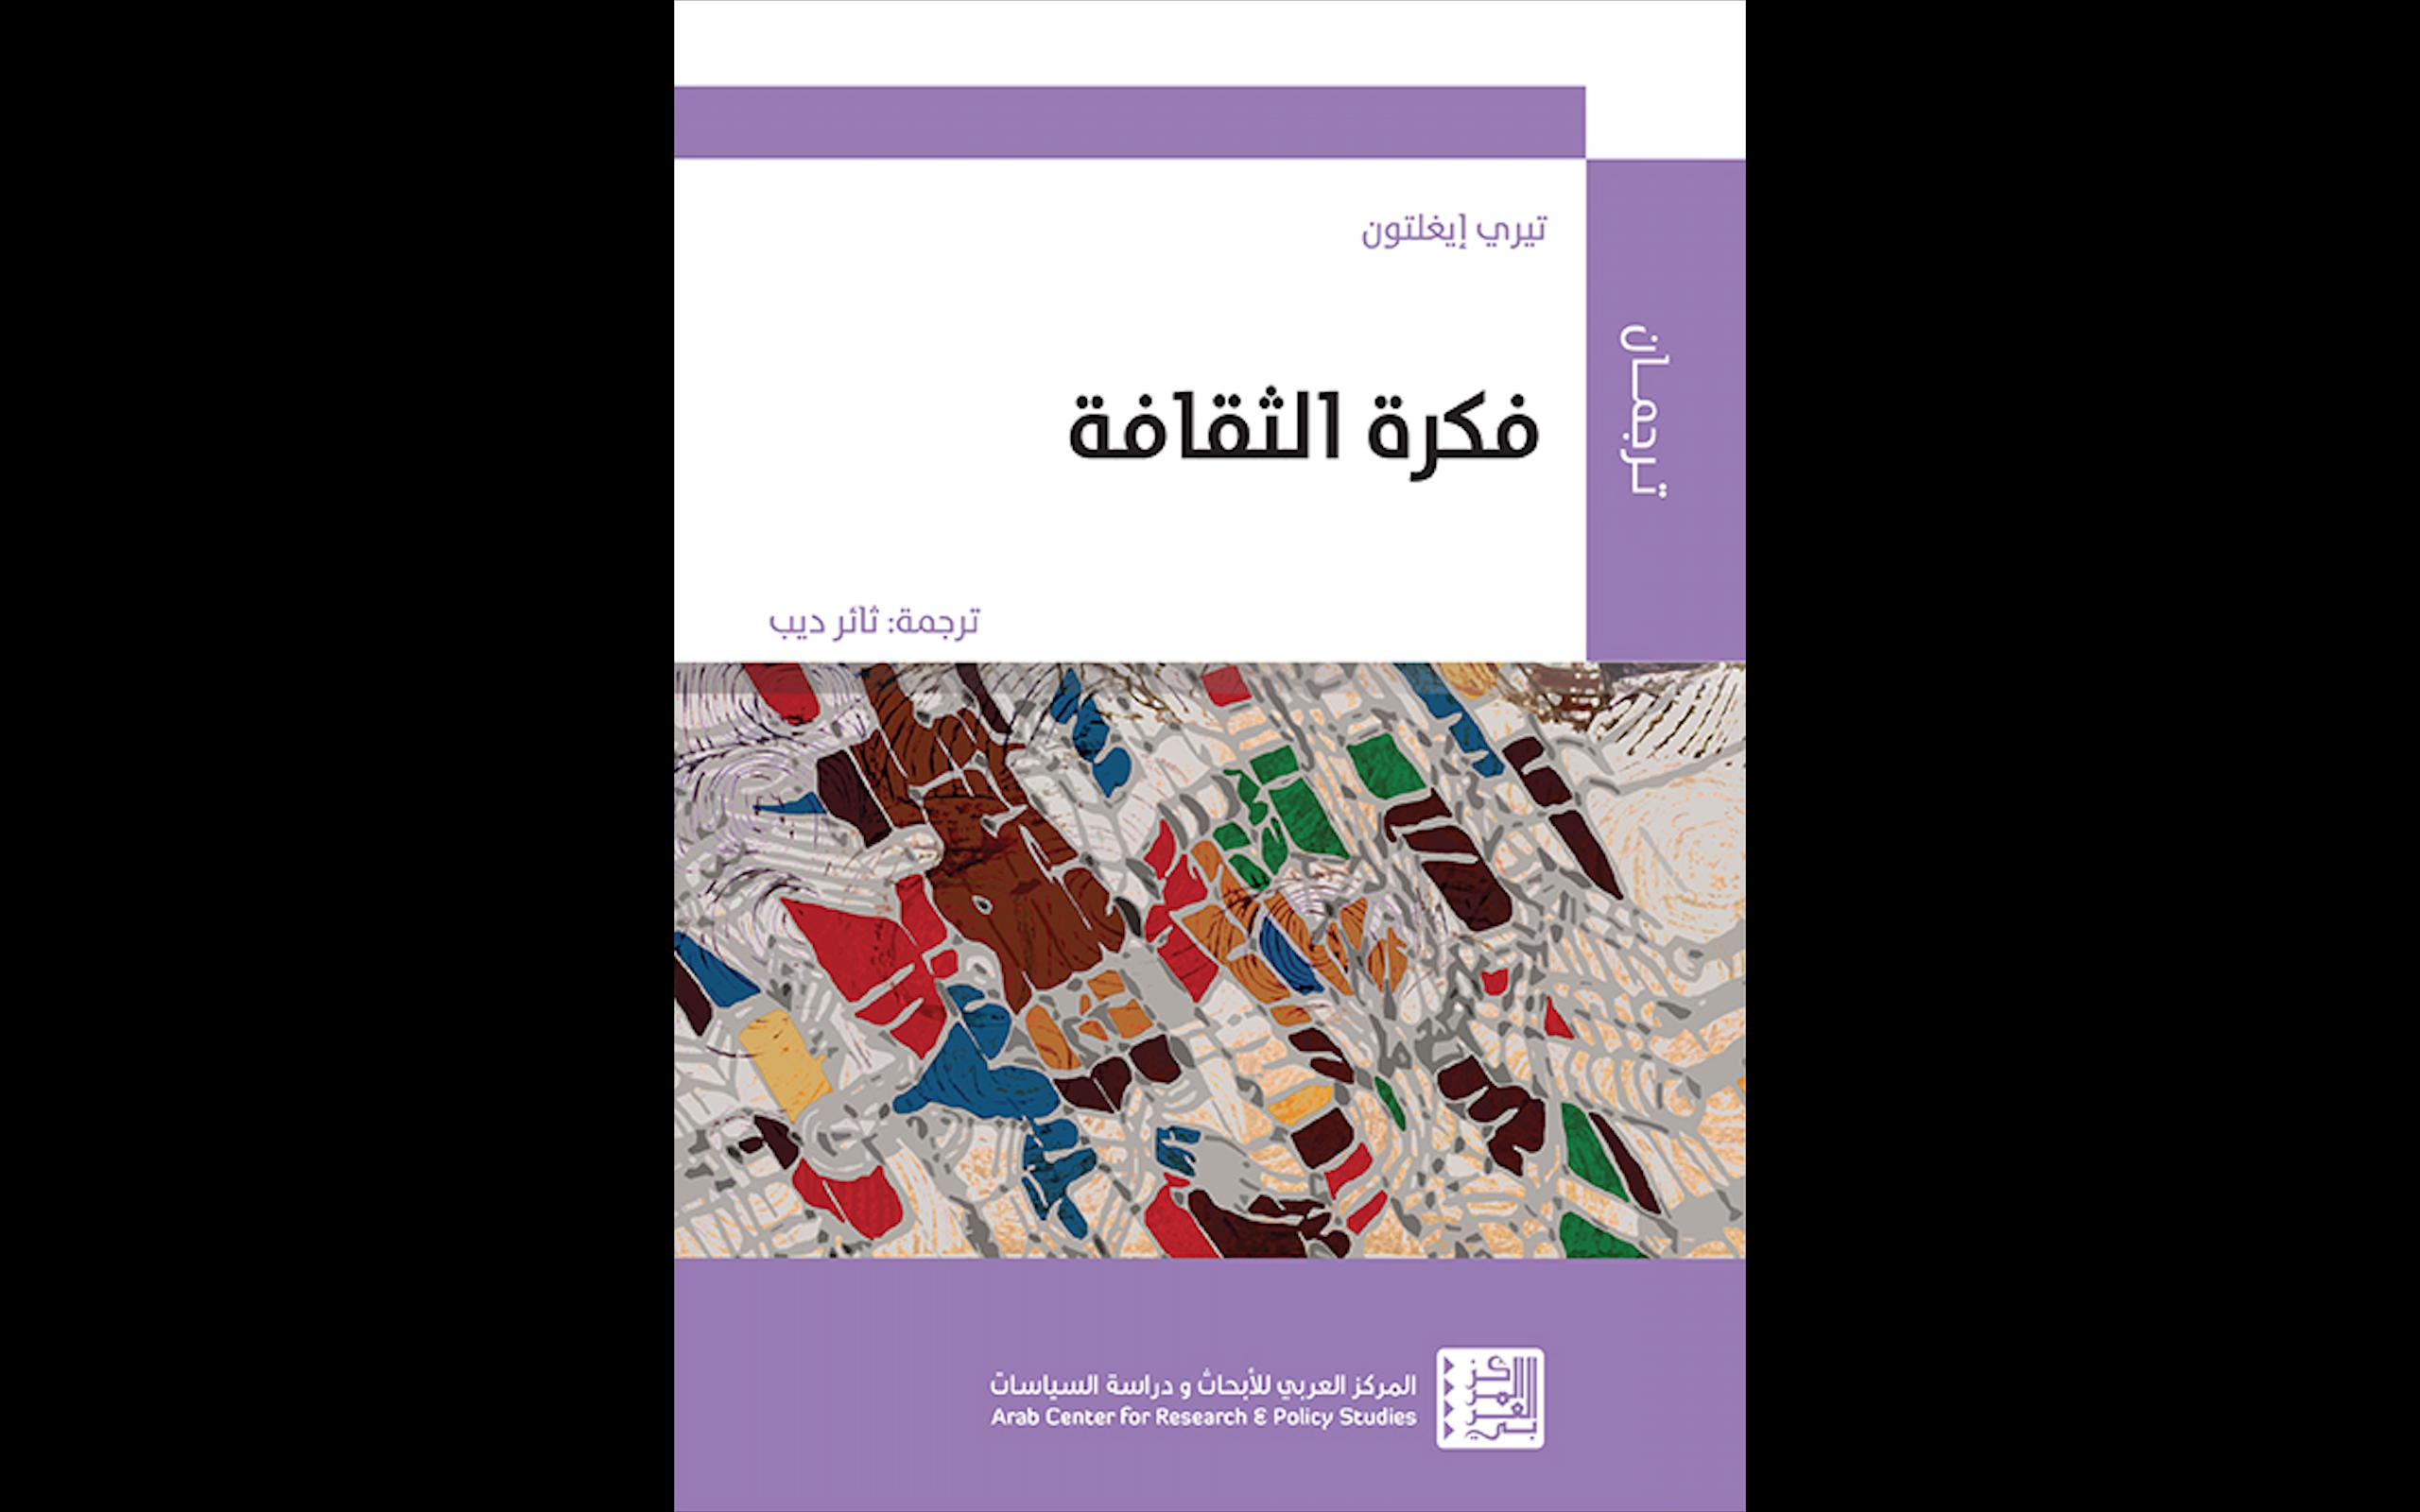 صدر «فكرة الثقافة» عن المركز العربي للأبحاث ودراسة السياسات